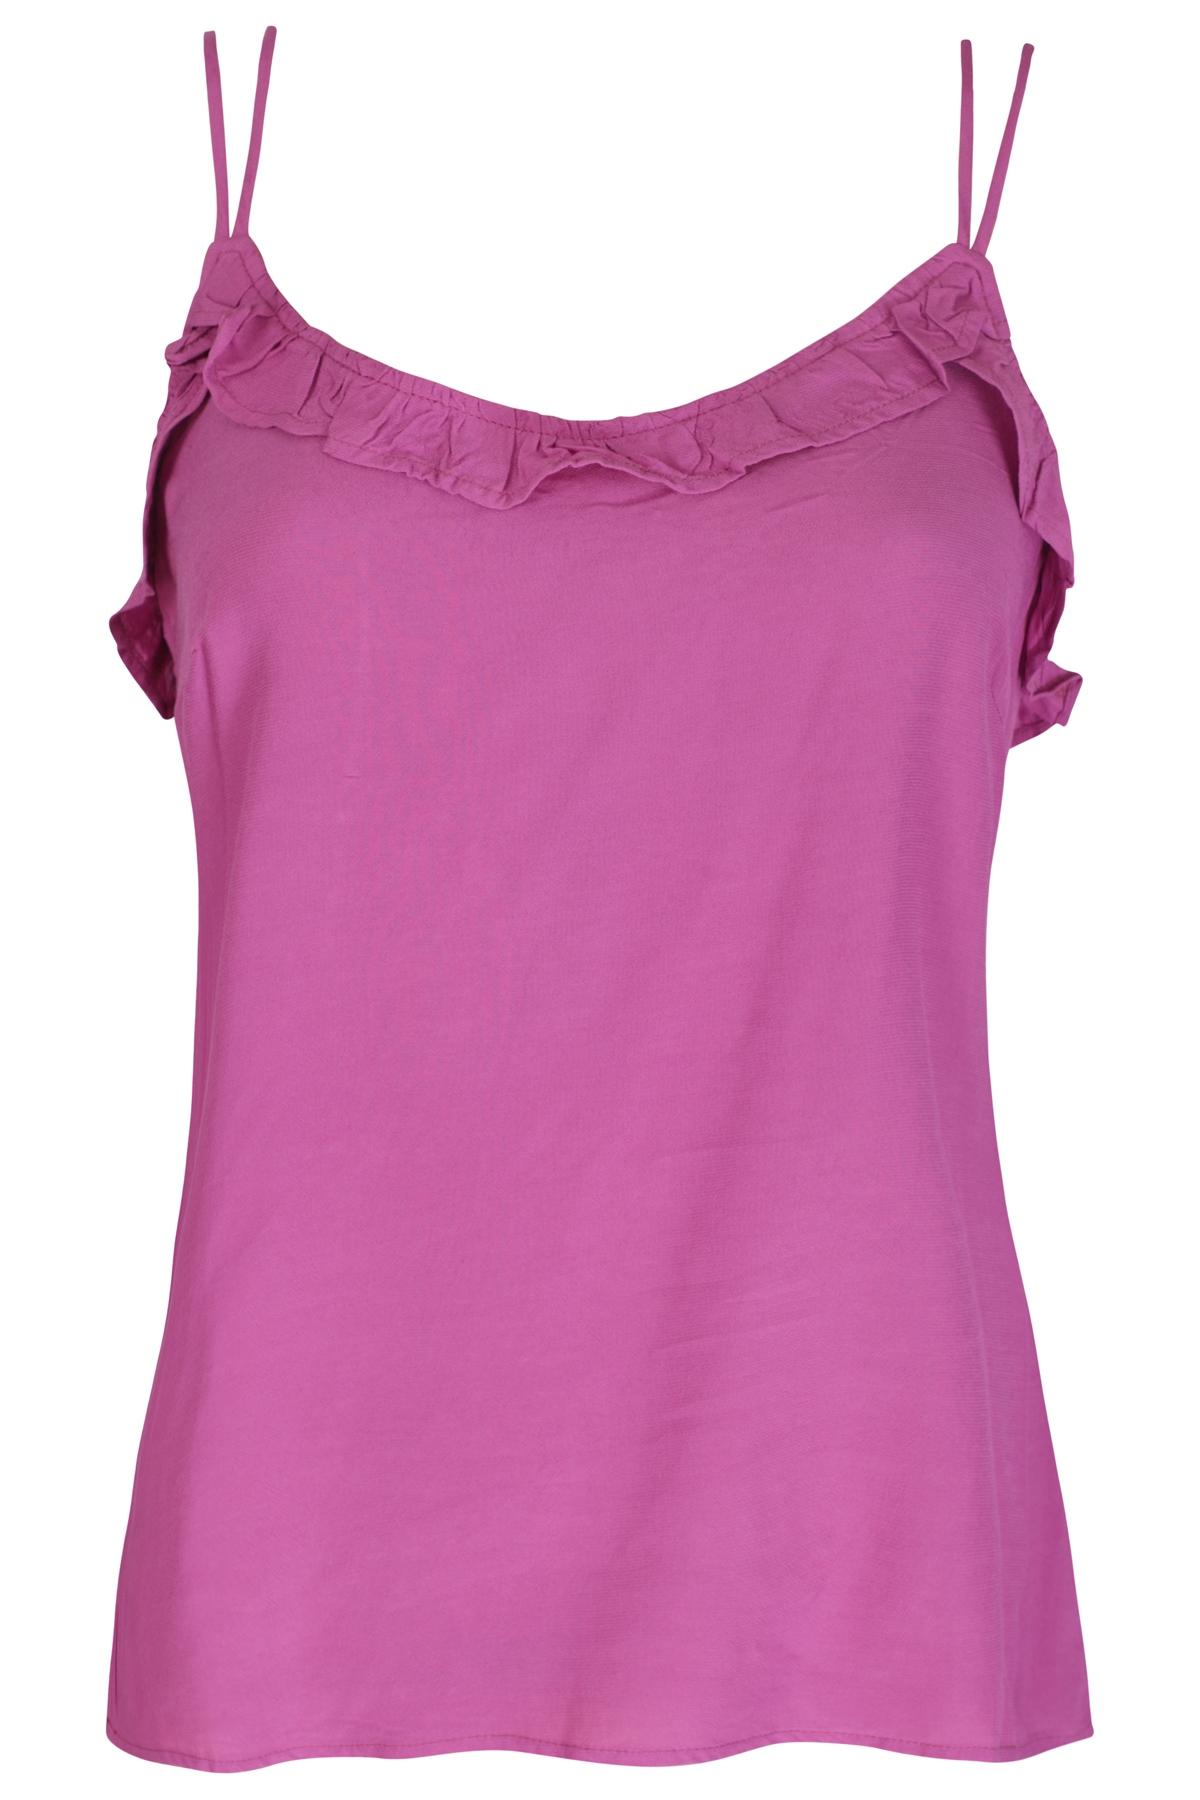 Femme9 Shirt - Top Paars Sanja